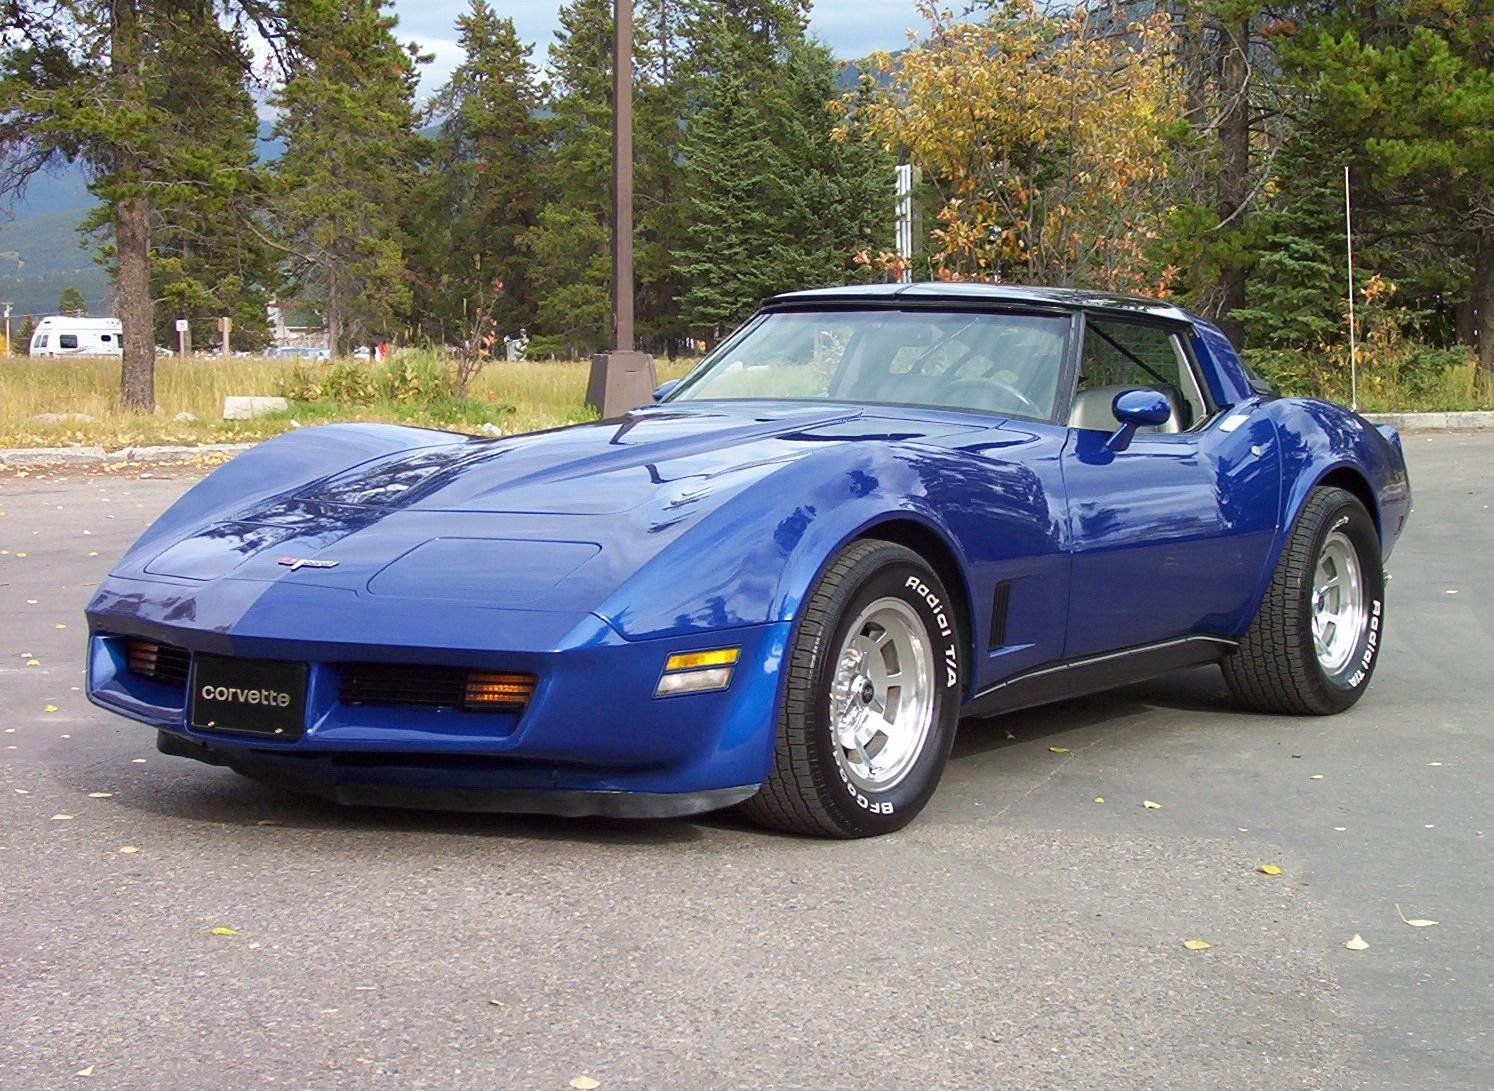 Corvette chevy corvette 2003 : Chevrolet Corvette 2003: Review, Amazing Pictures and Images ...